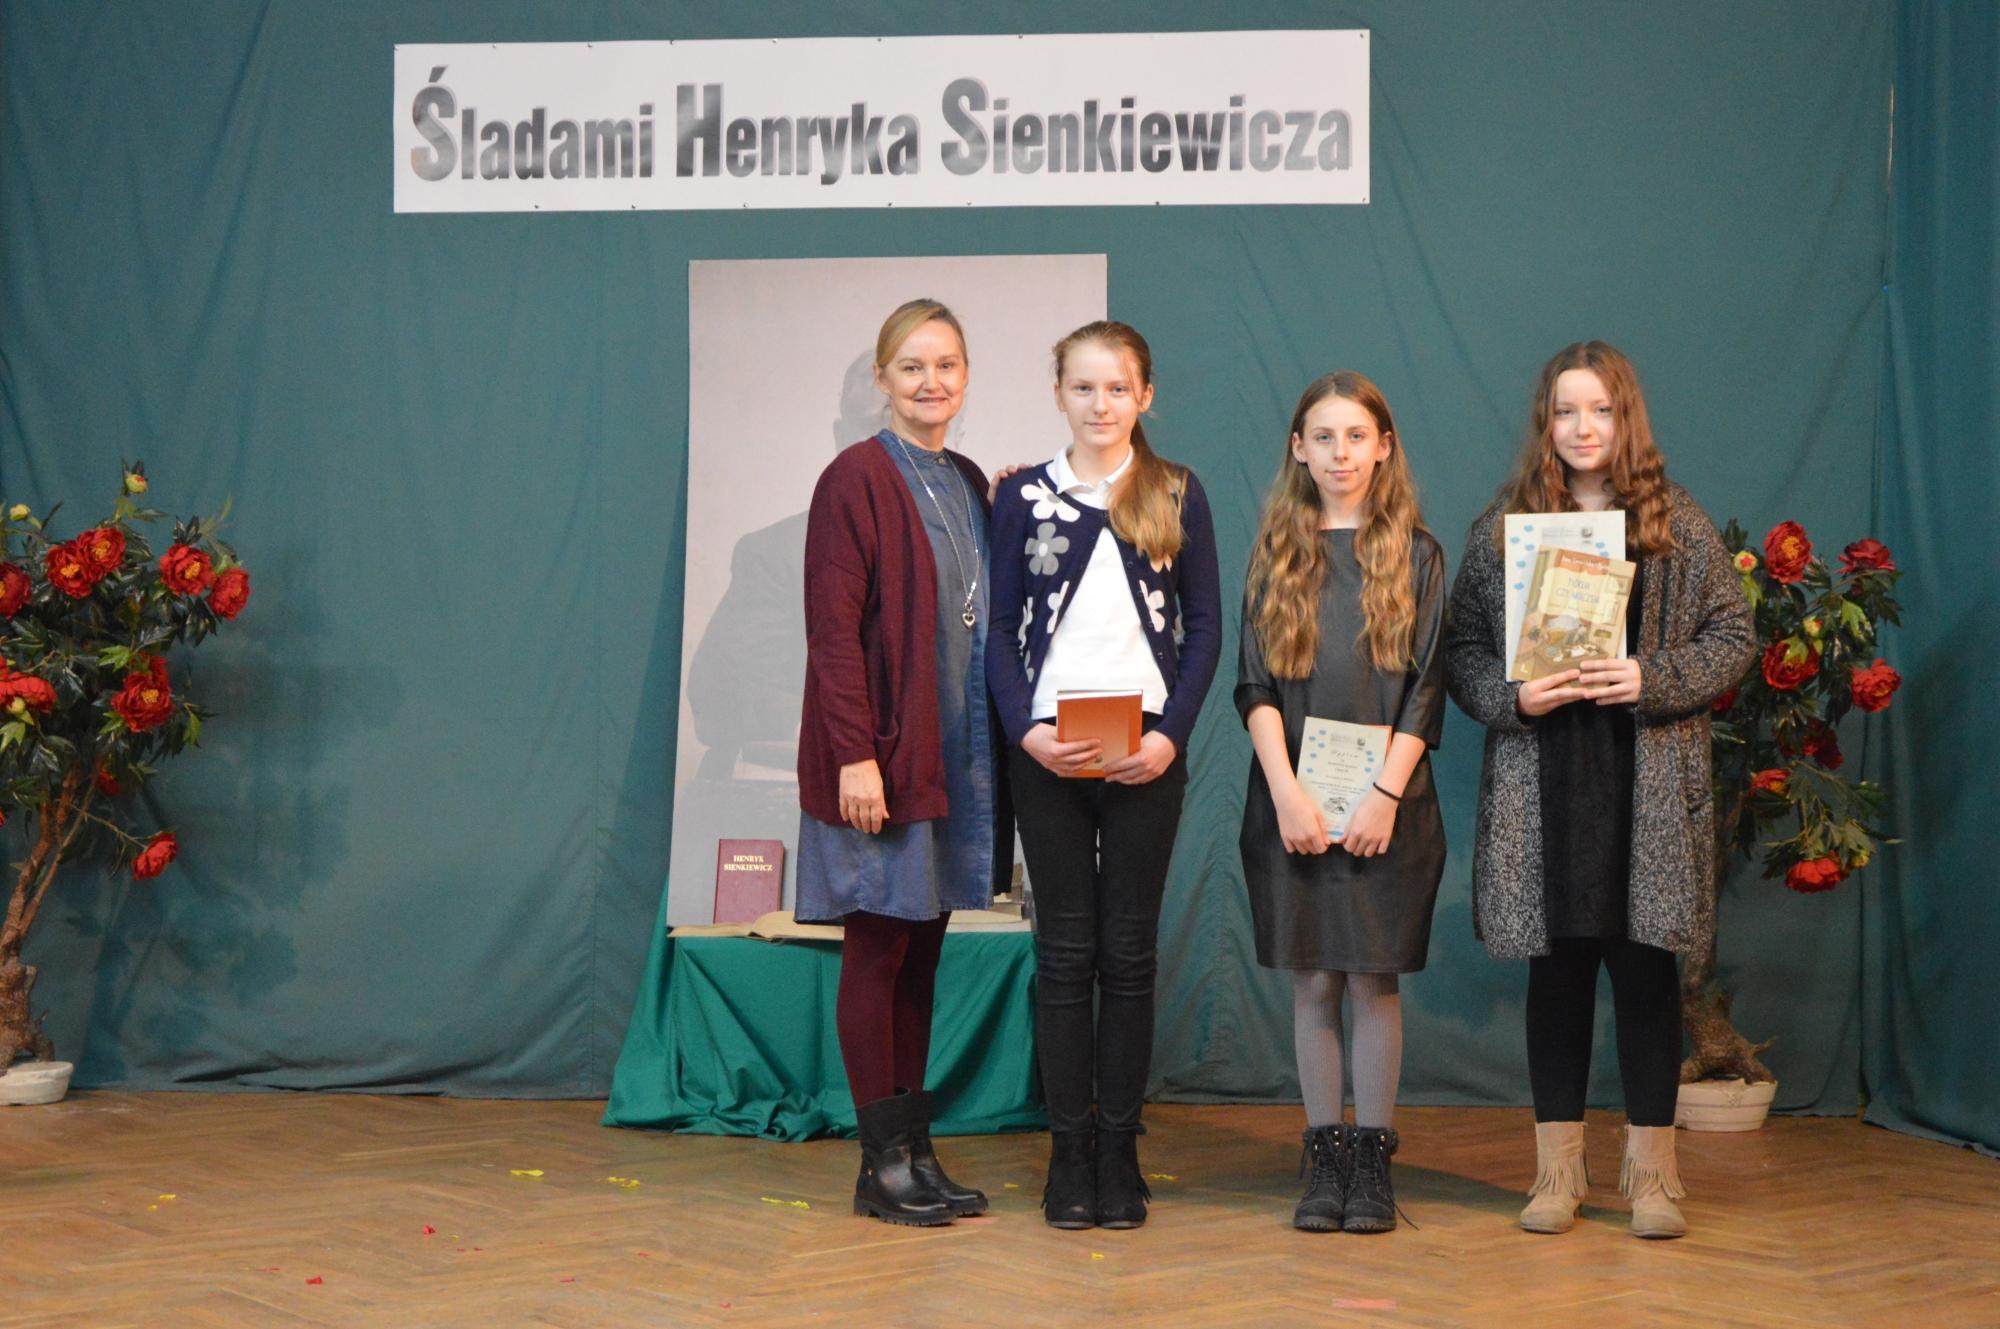 Sladami H. Sienkiewicza (144)